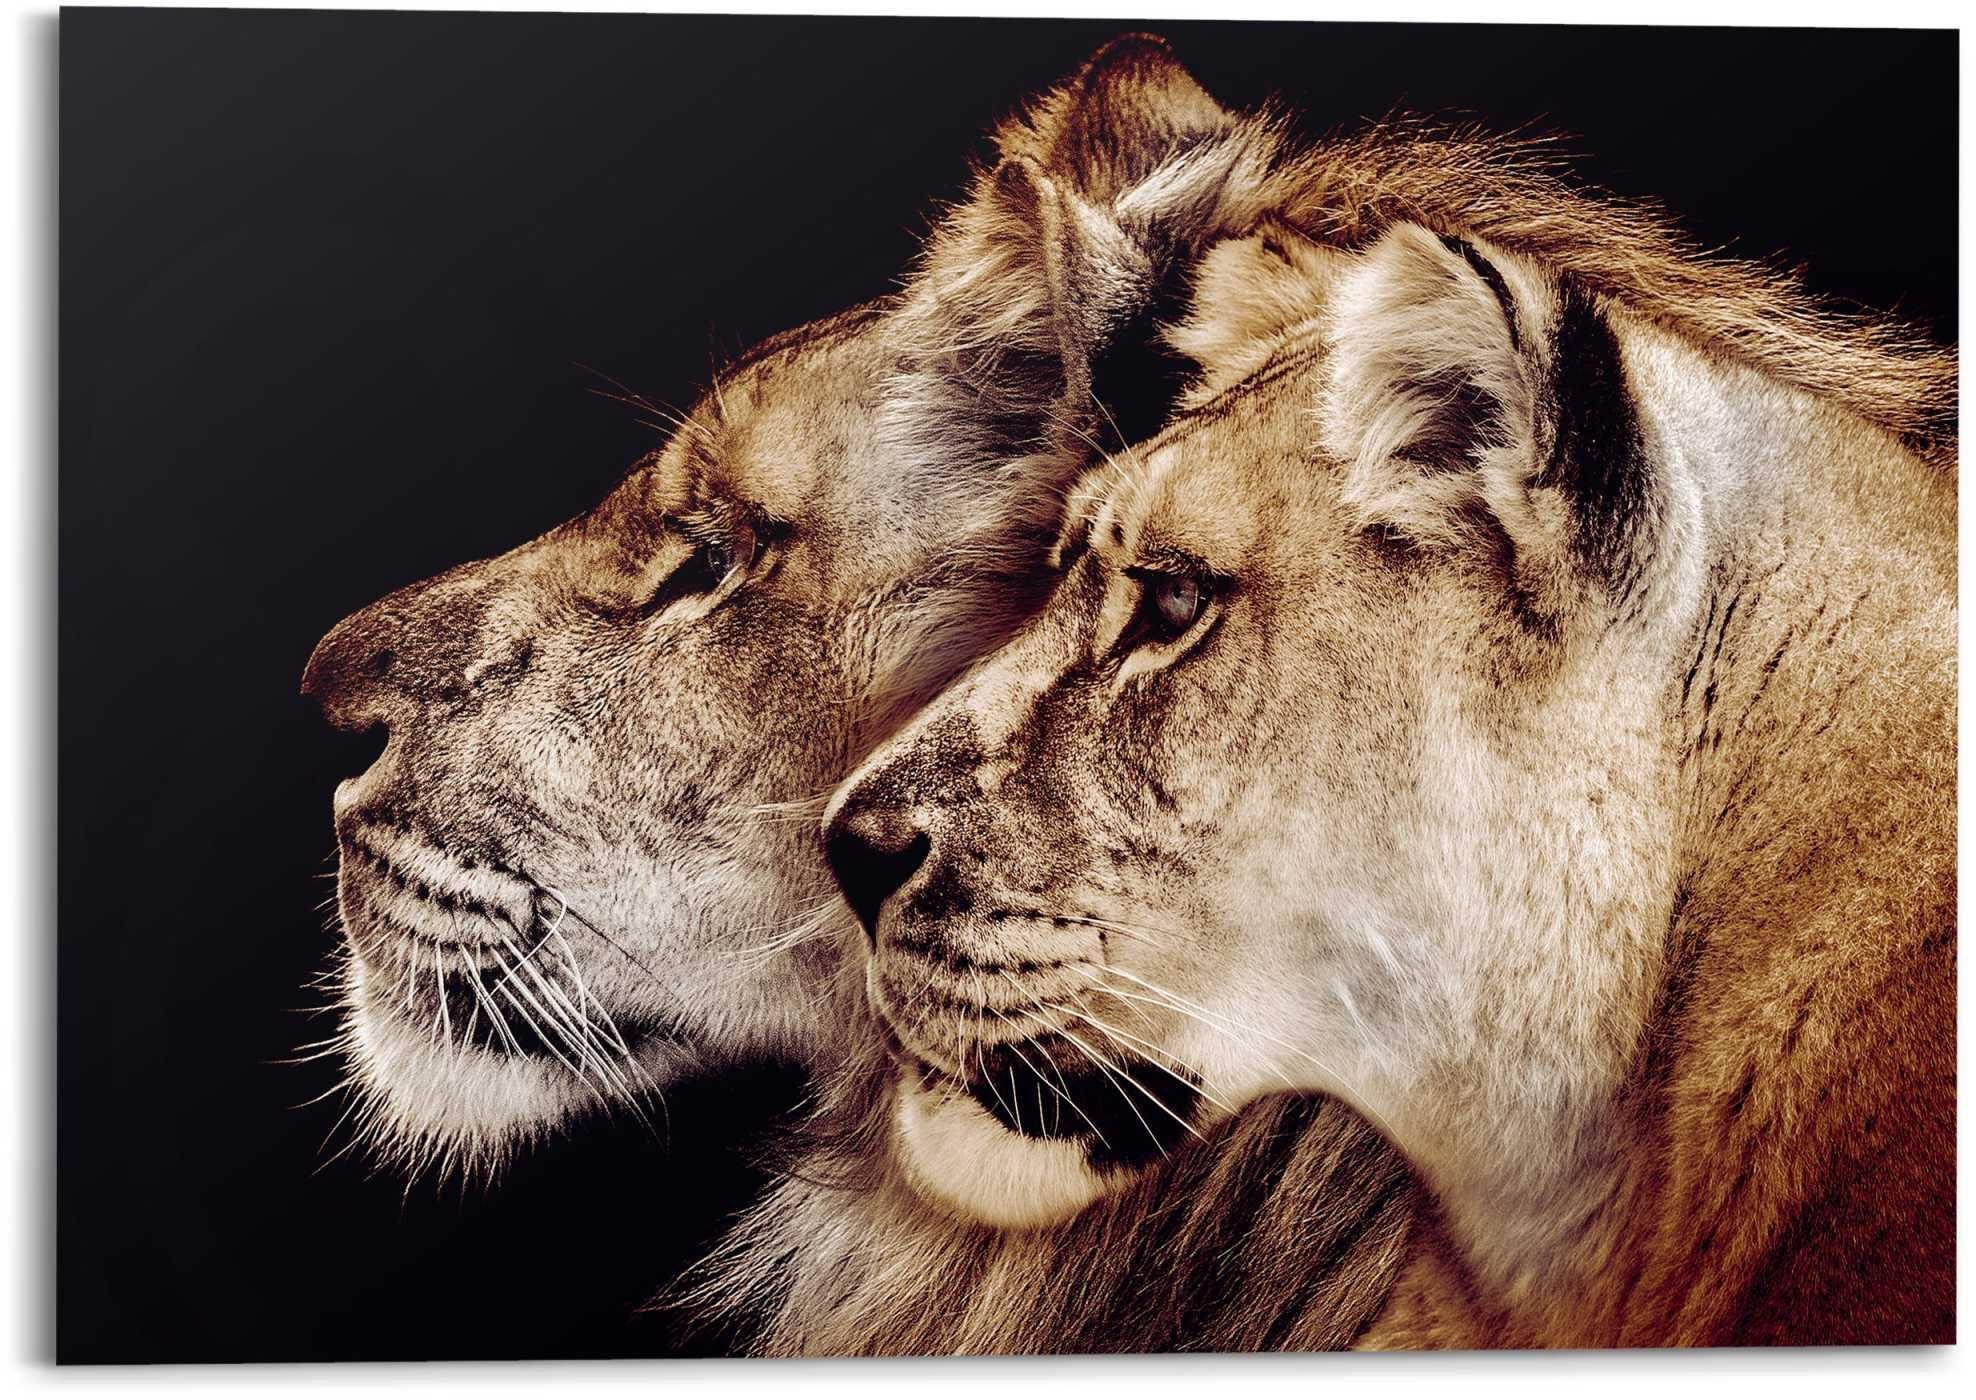 Reinders! artprint leeuw en leeuwin roofdier - leeuwenkop - zijportret (1 stuk) - gratis ruilen op otto.nl